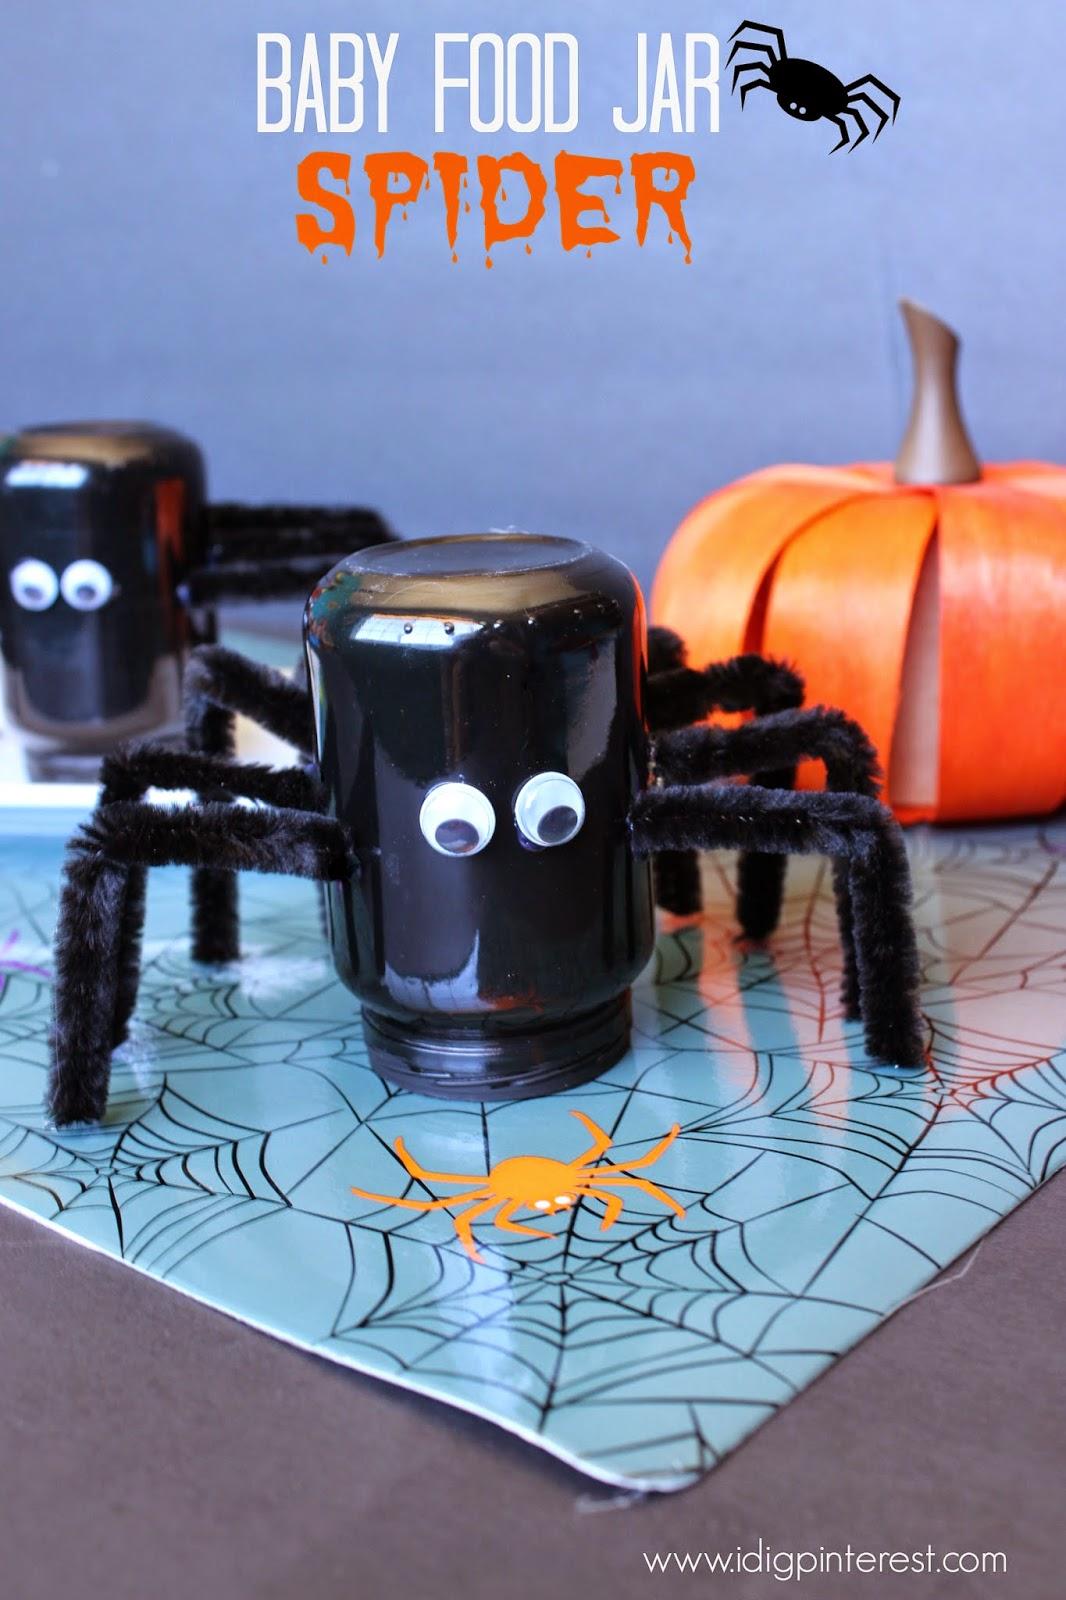 Baby food jar spider craft i dig pinterest for Baby food jar crafts pinterest